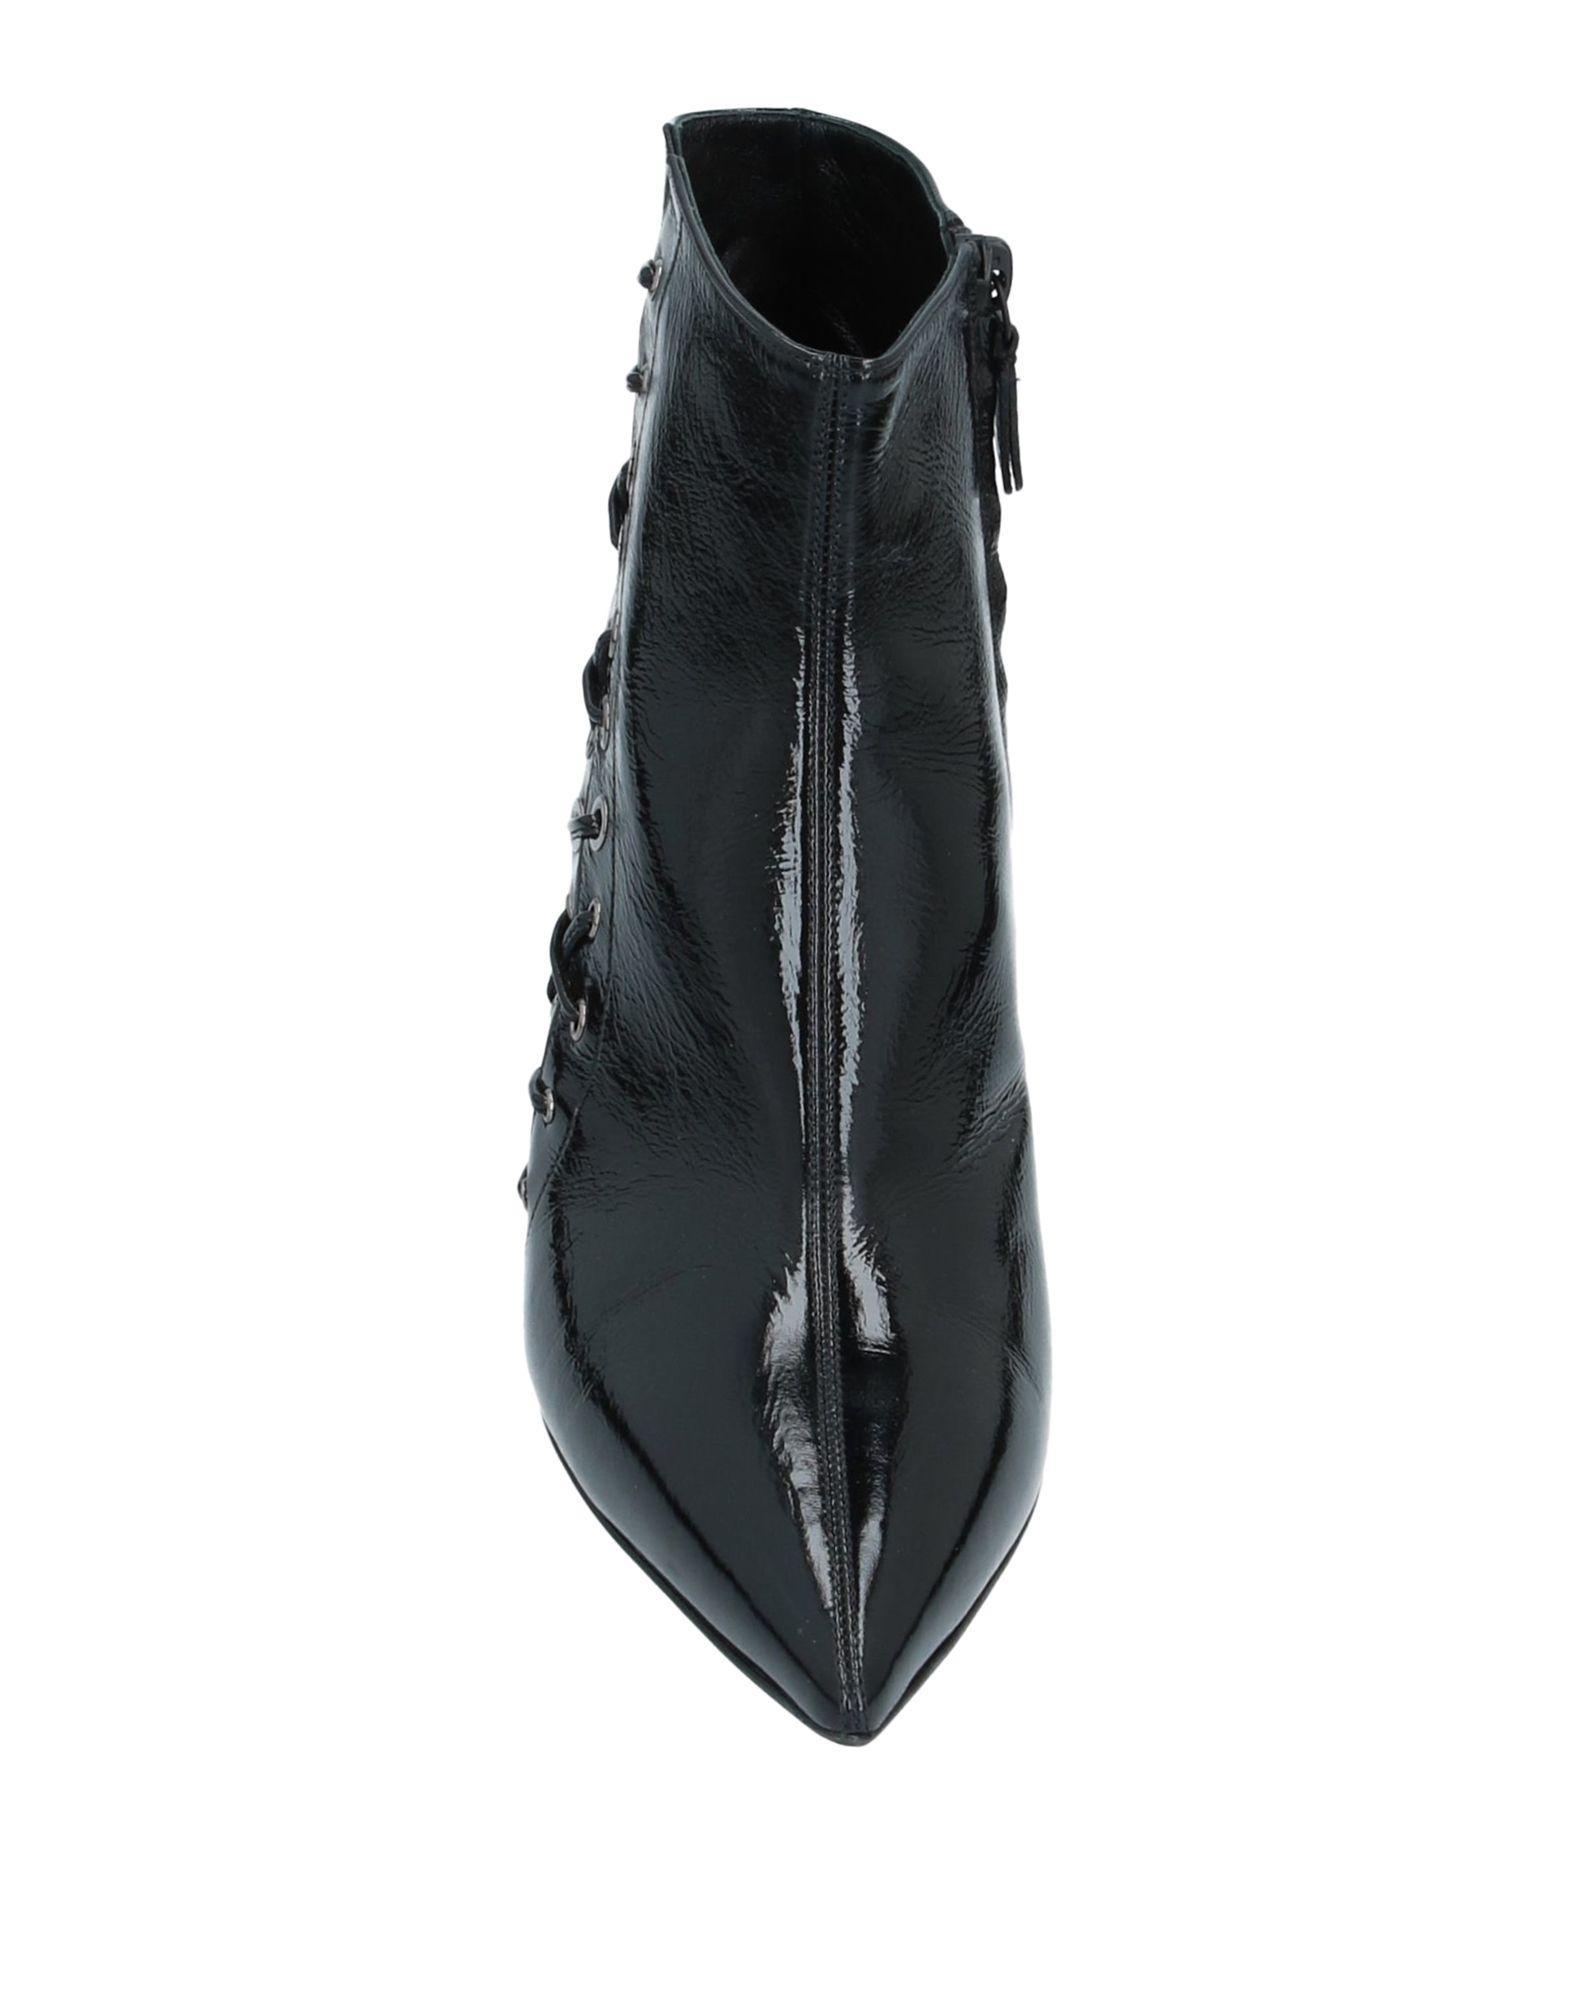 Botines de caña alta Casadei de Cuero de color Negro